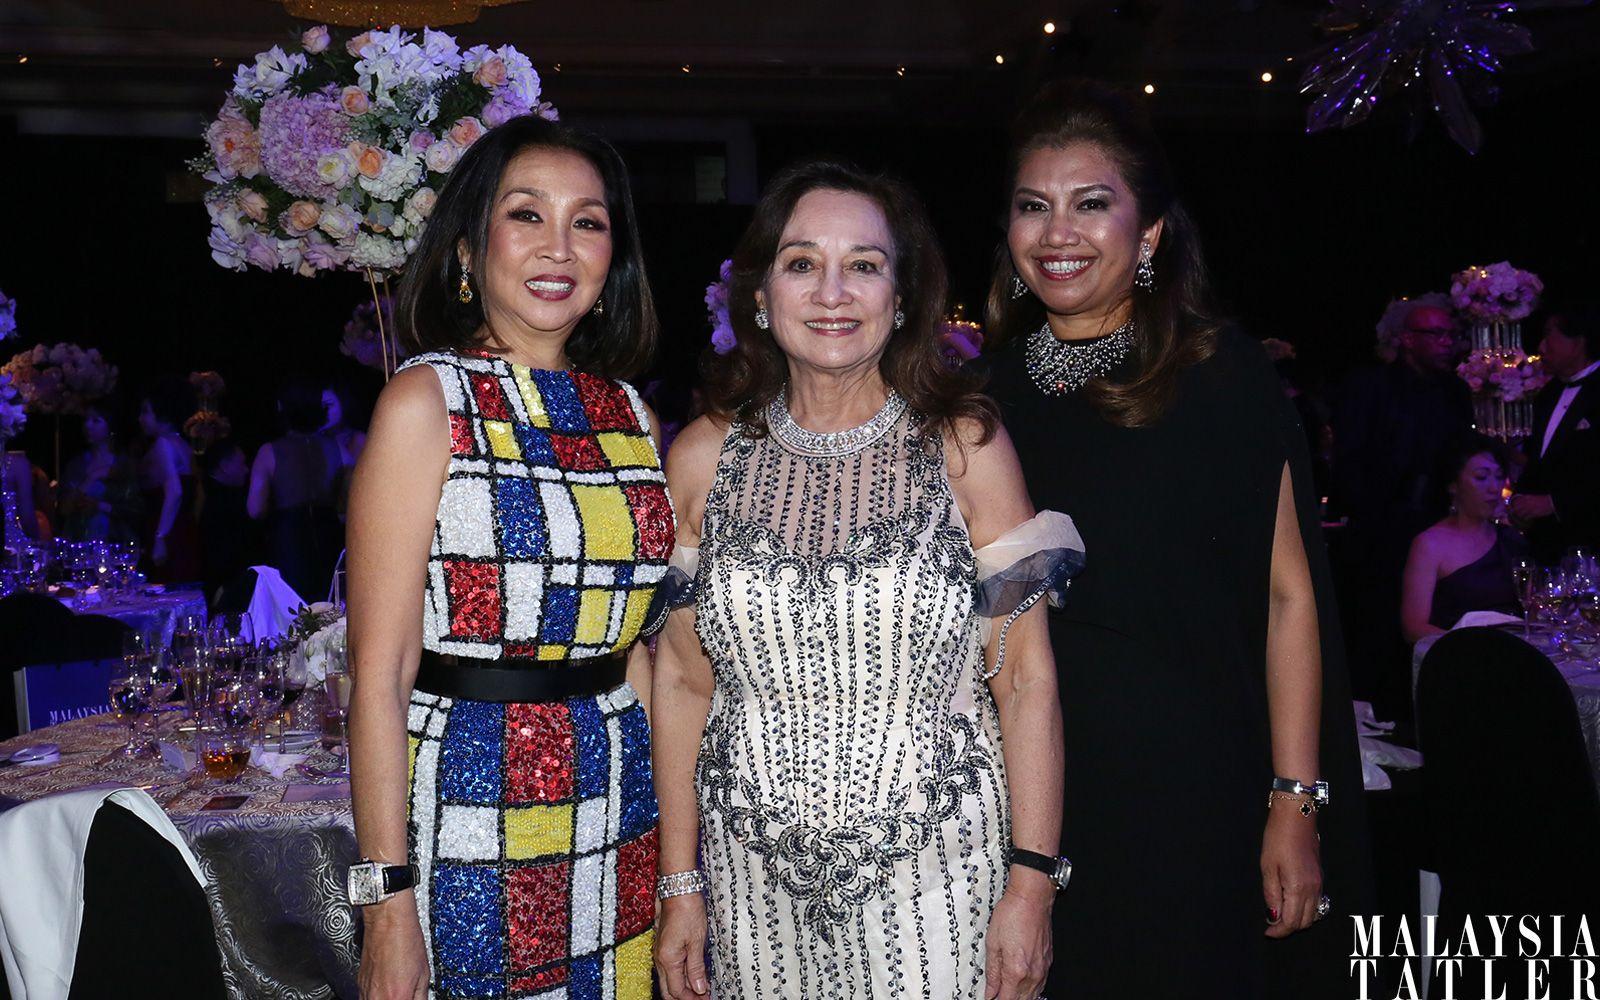 Dato' Farah Khan, Tunku Dara Naquiah and Datin Alissa Fitri